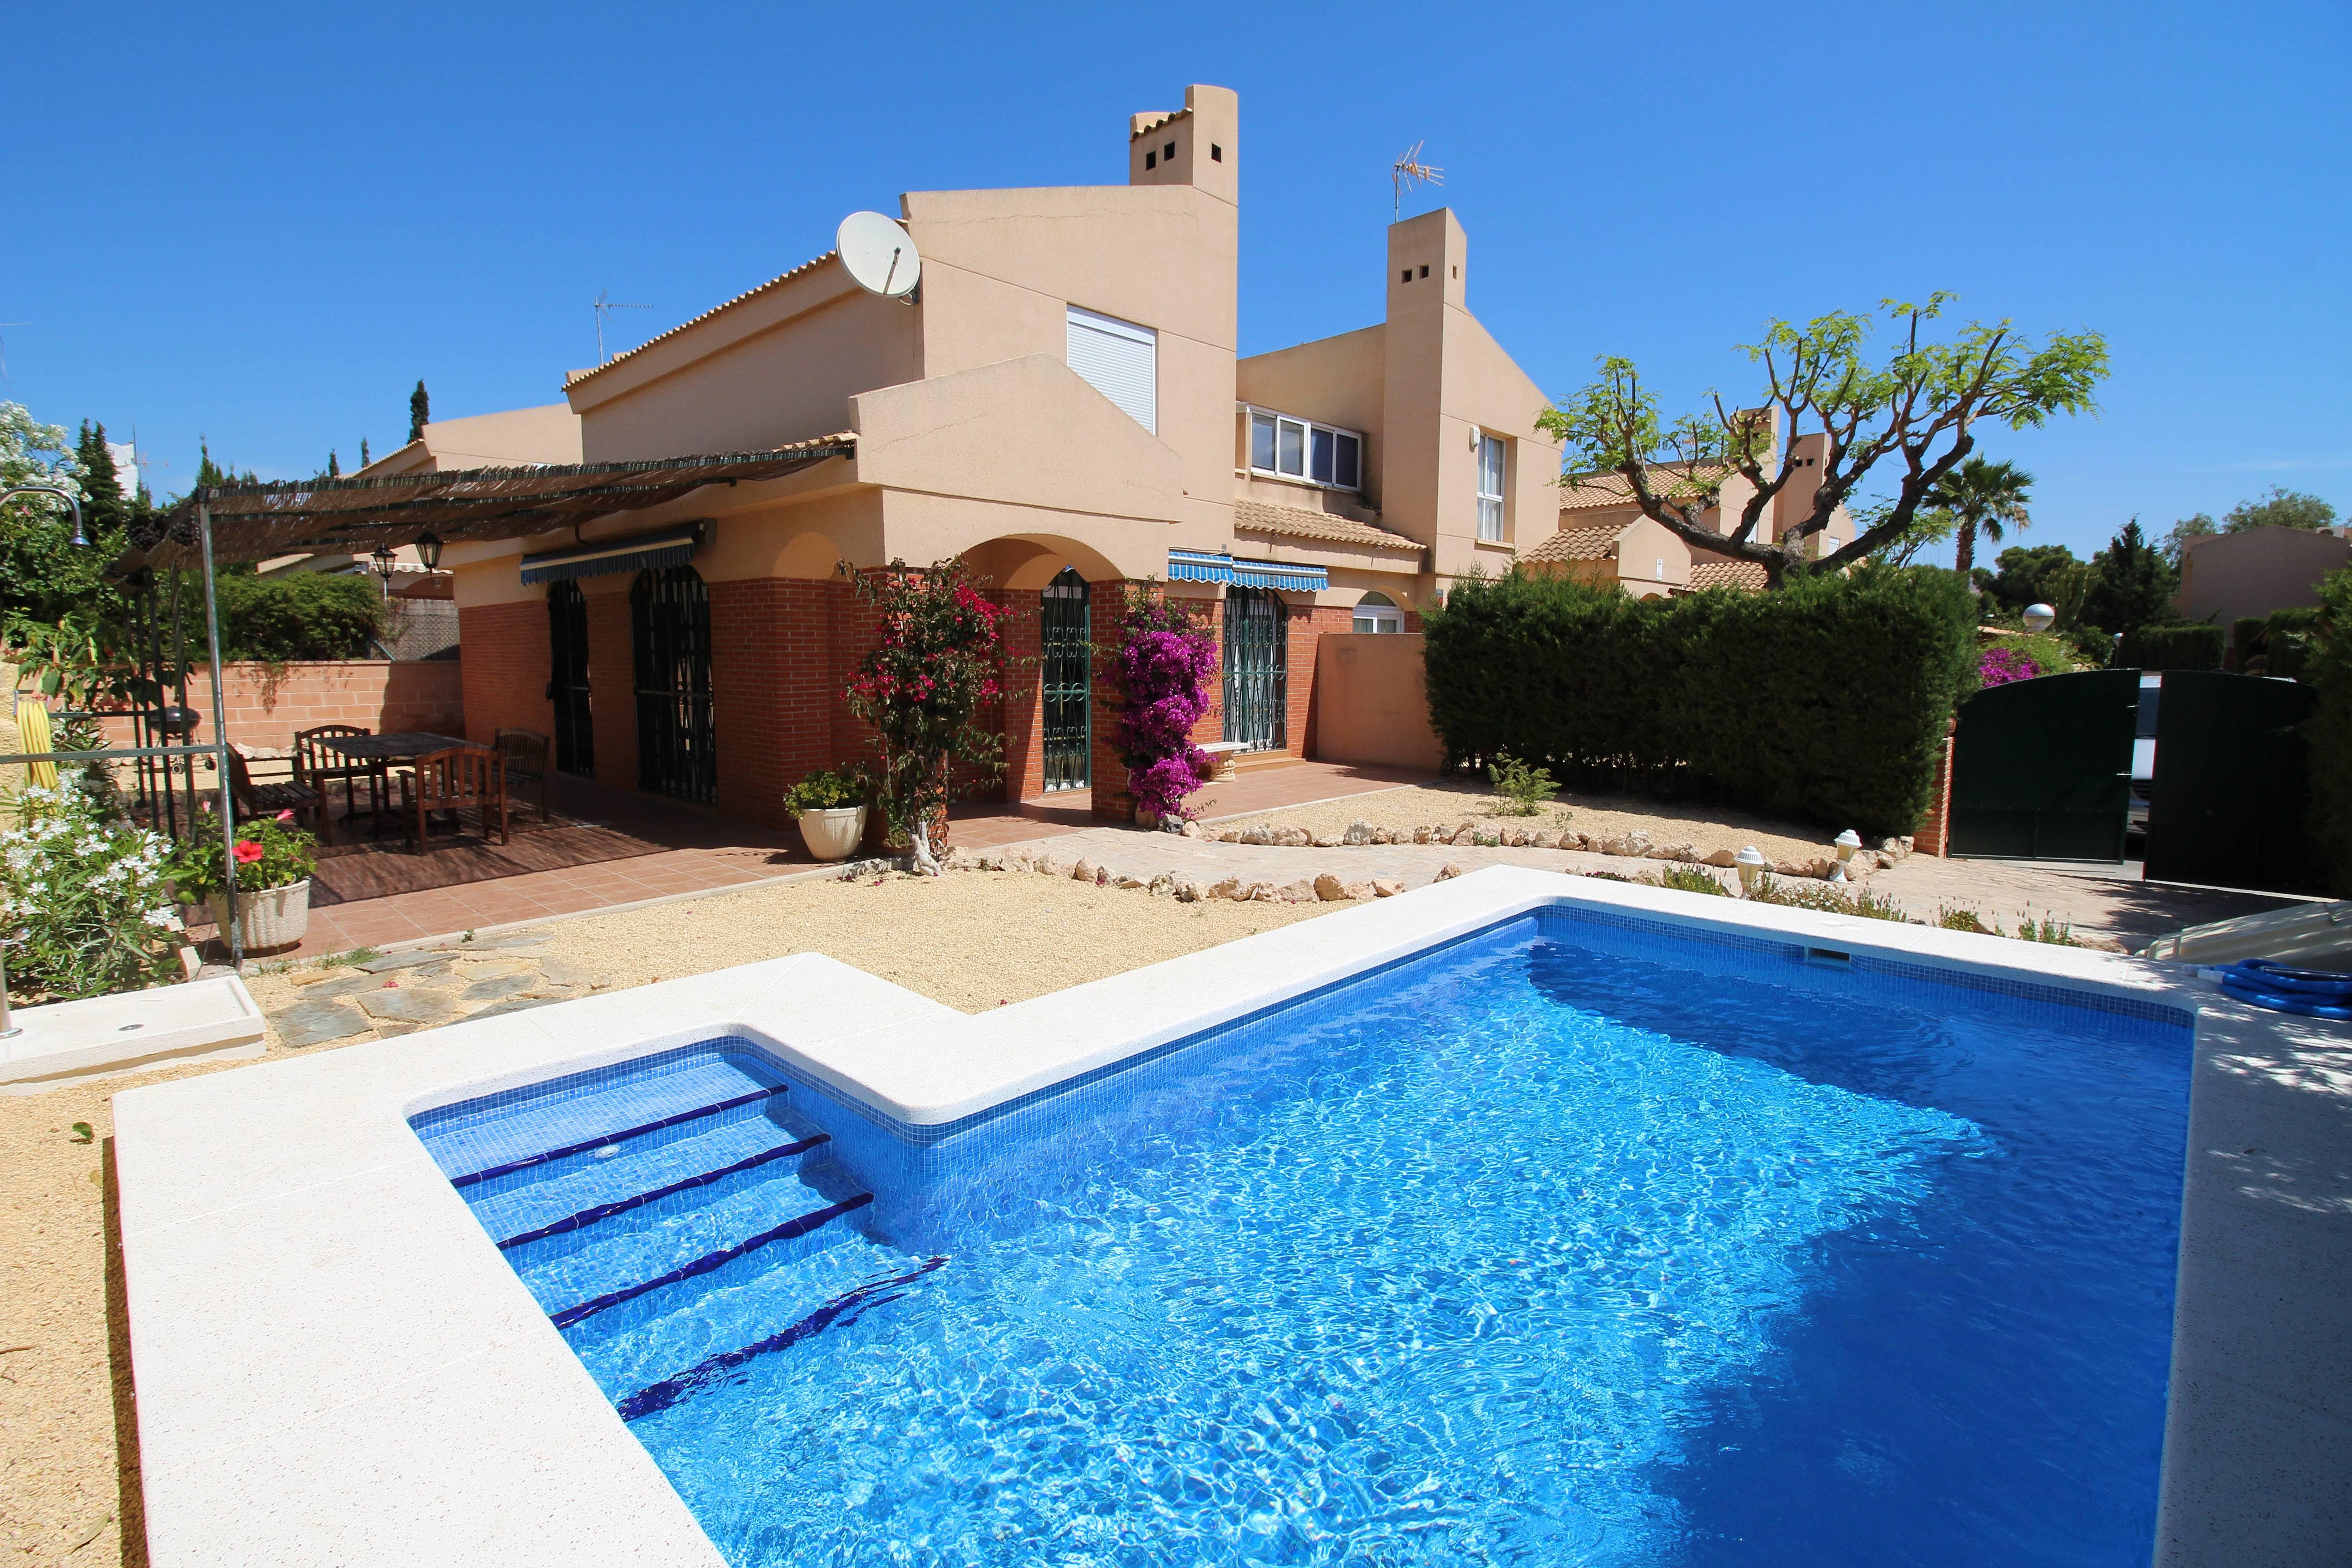 7504181cda95b Alquiler de casas vacacionales en El Campello - Alicante rurales ...